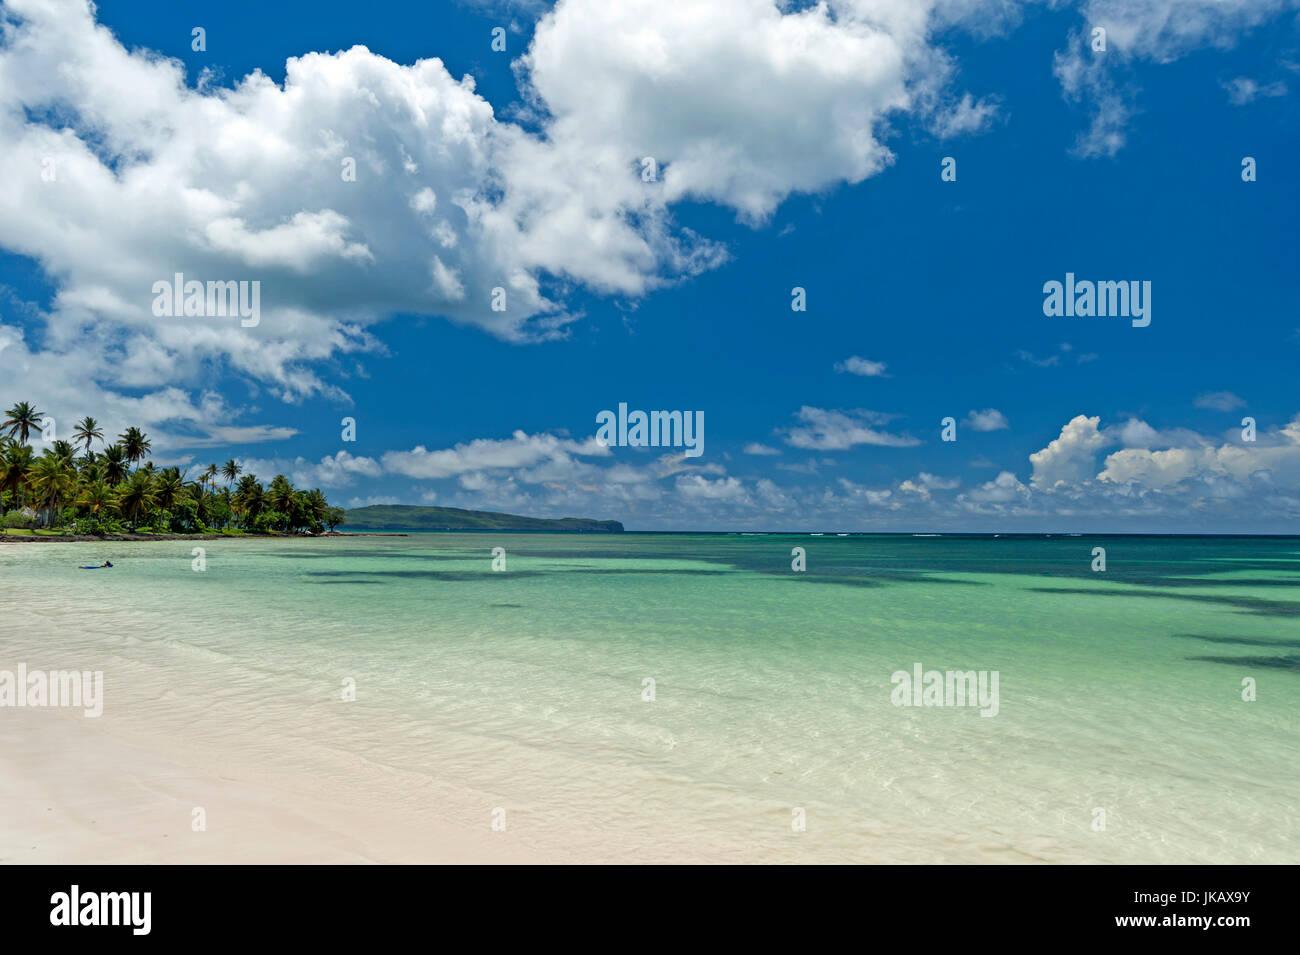 Plage de rêve sur la péninsule de Samana, République dominicaine.avec ciel bleu. Photo Stock